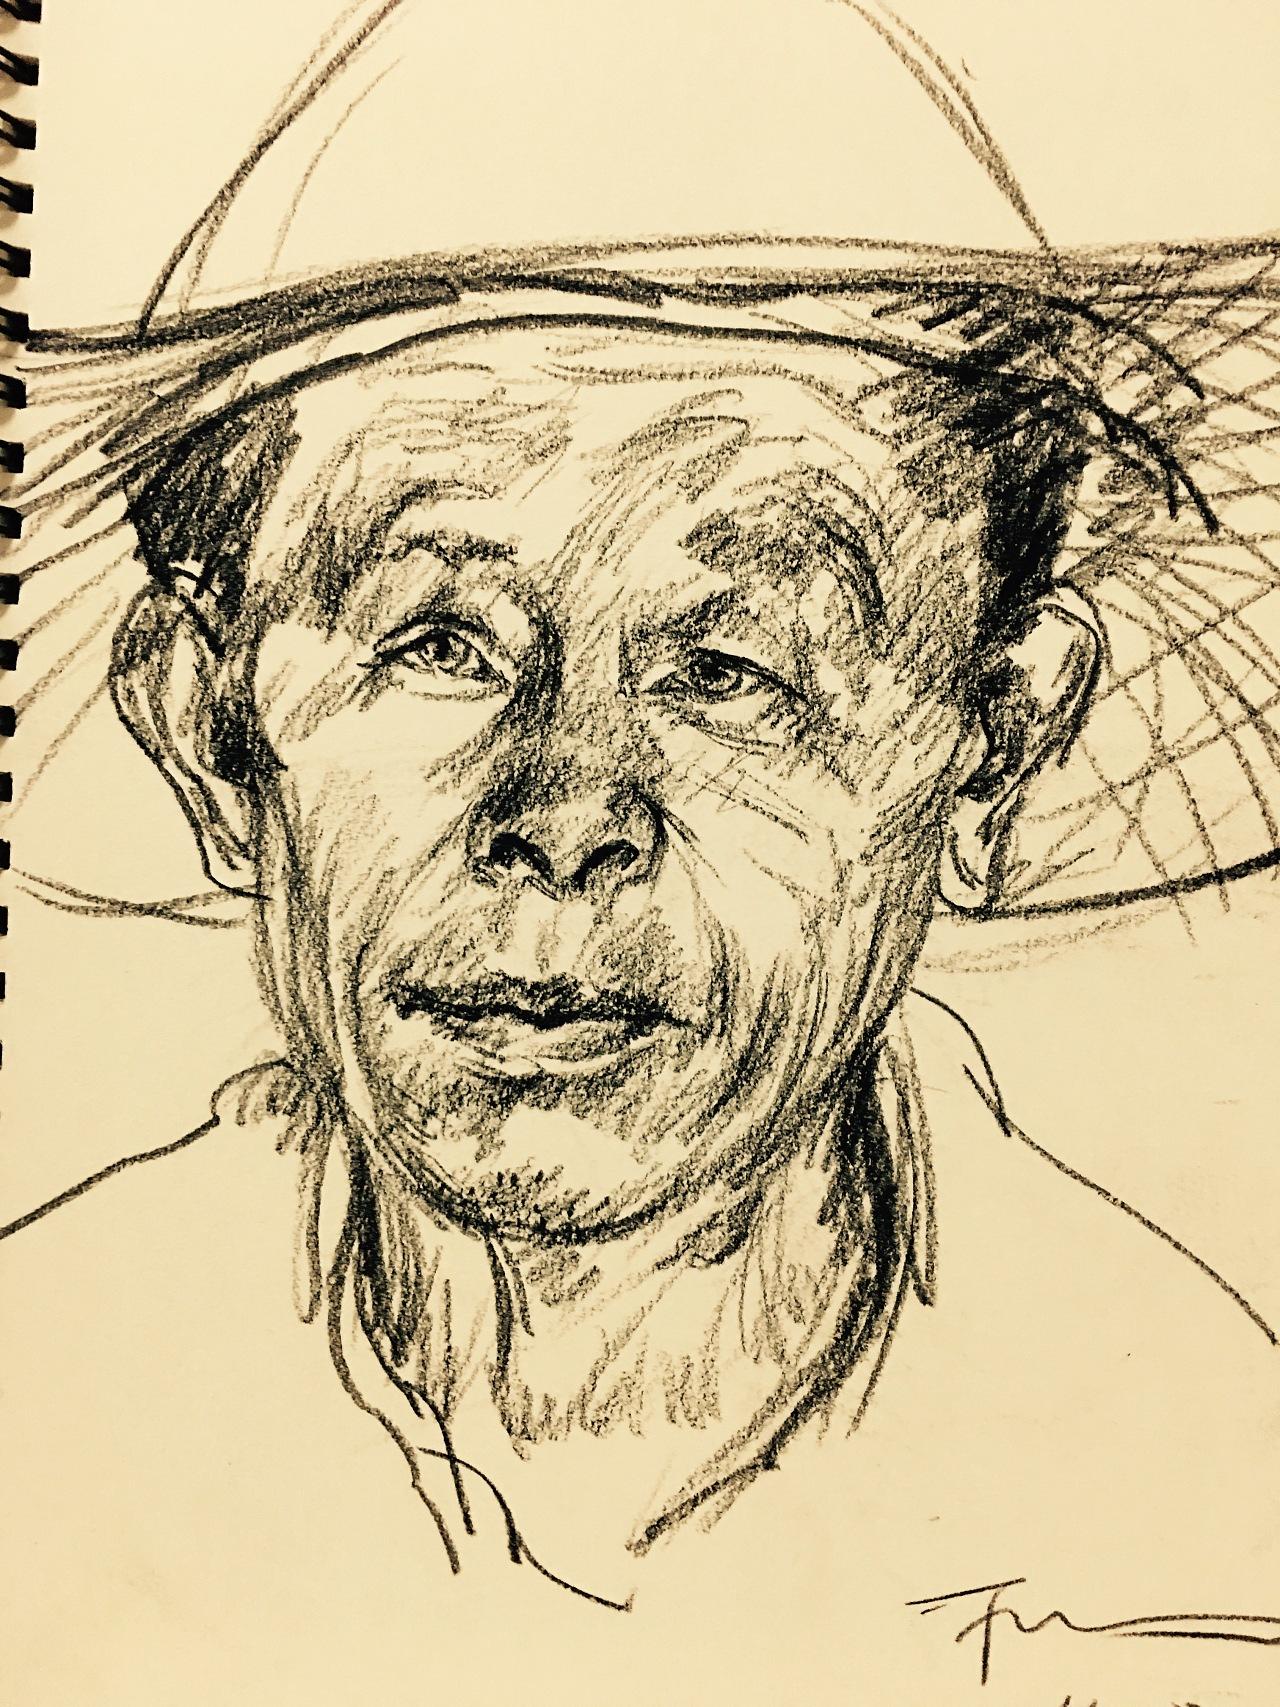 人物素描肖像图片